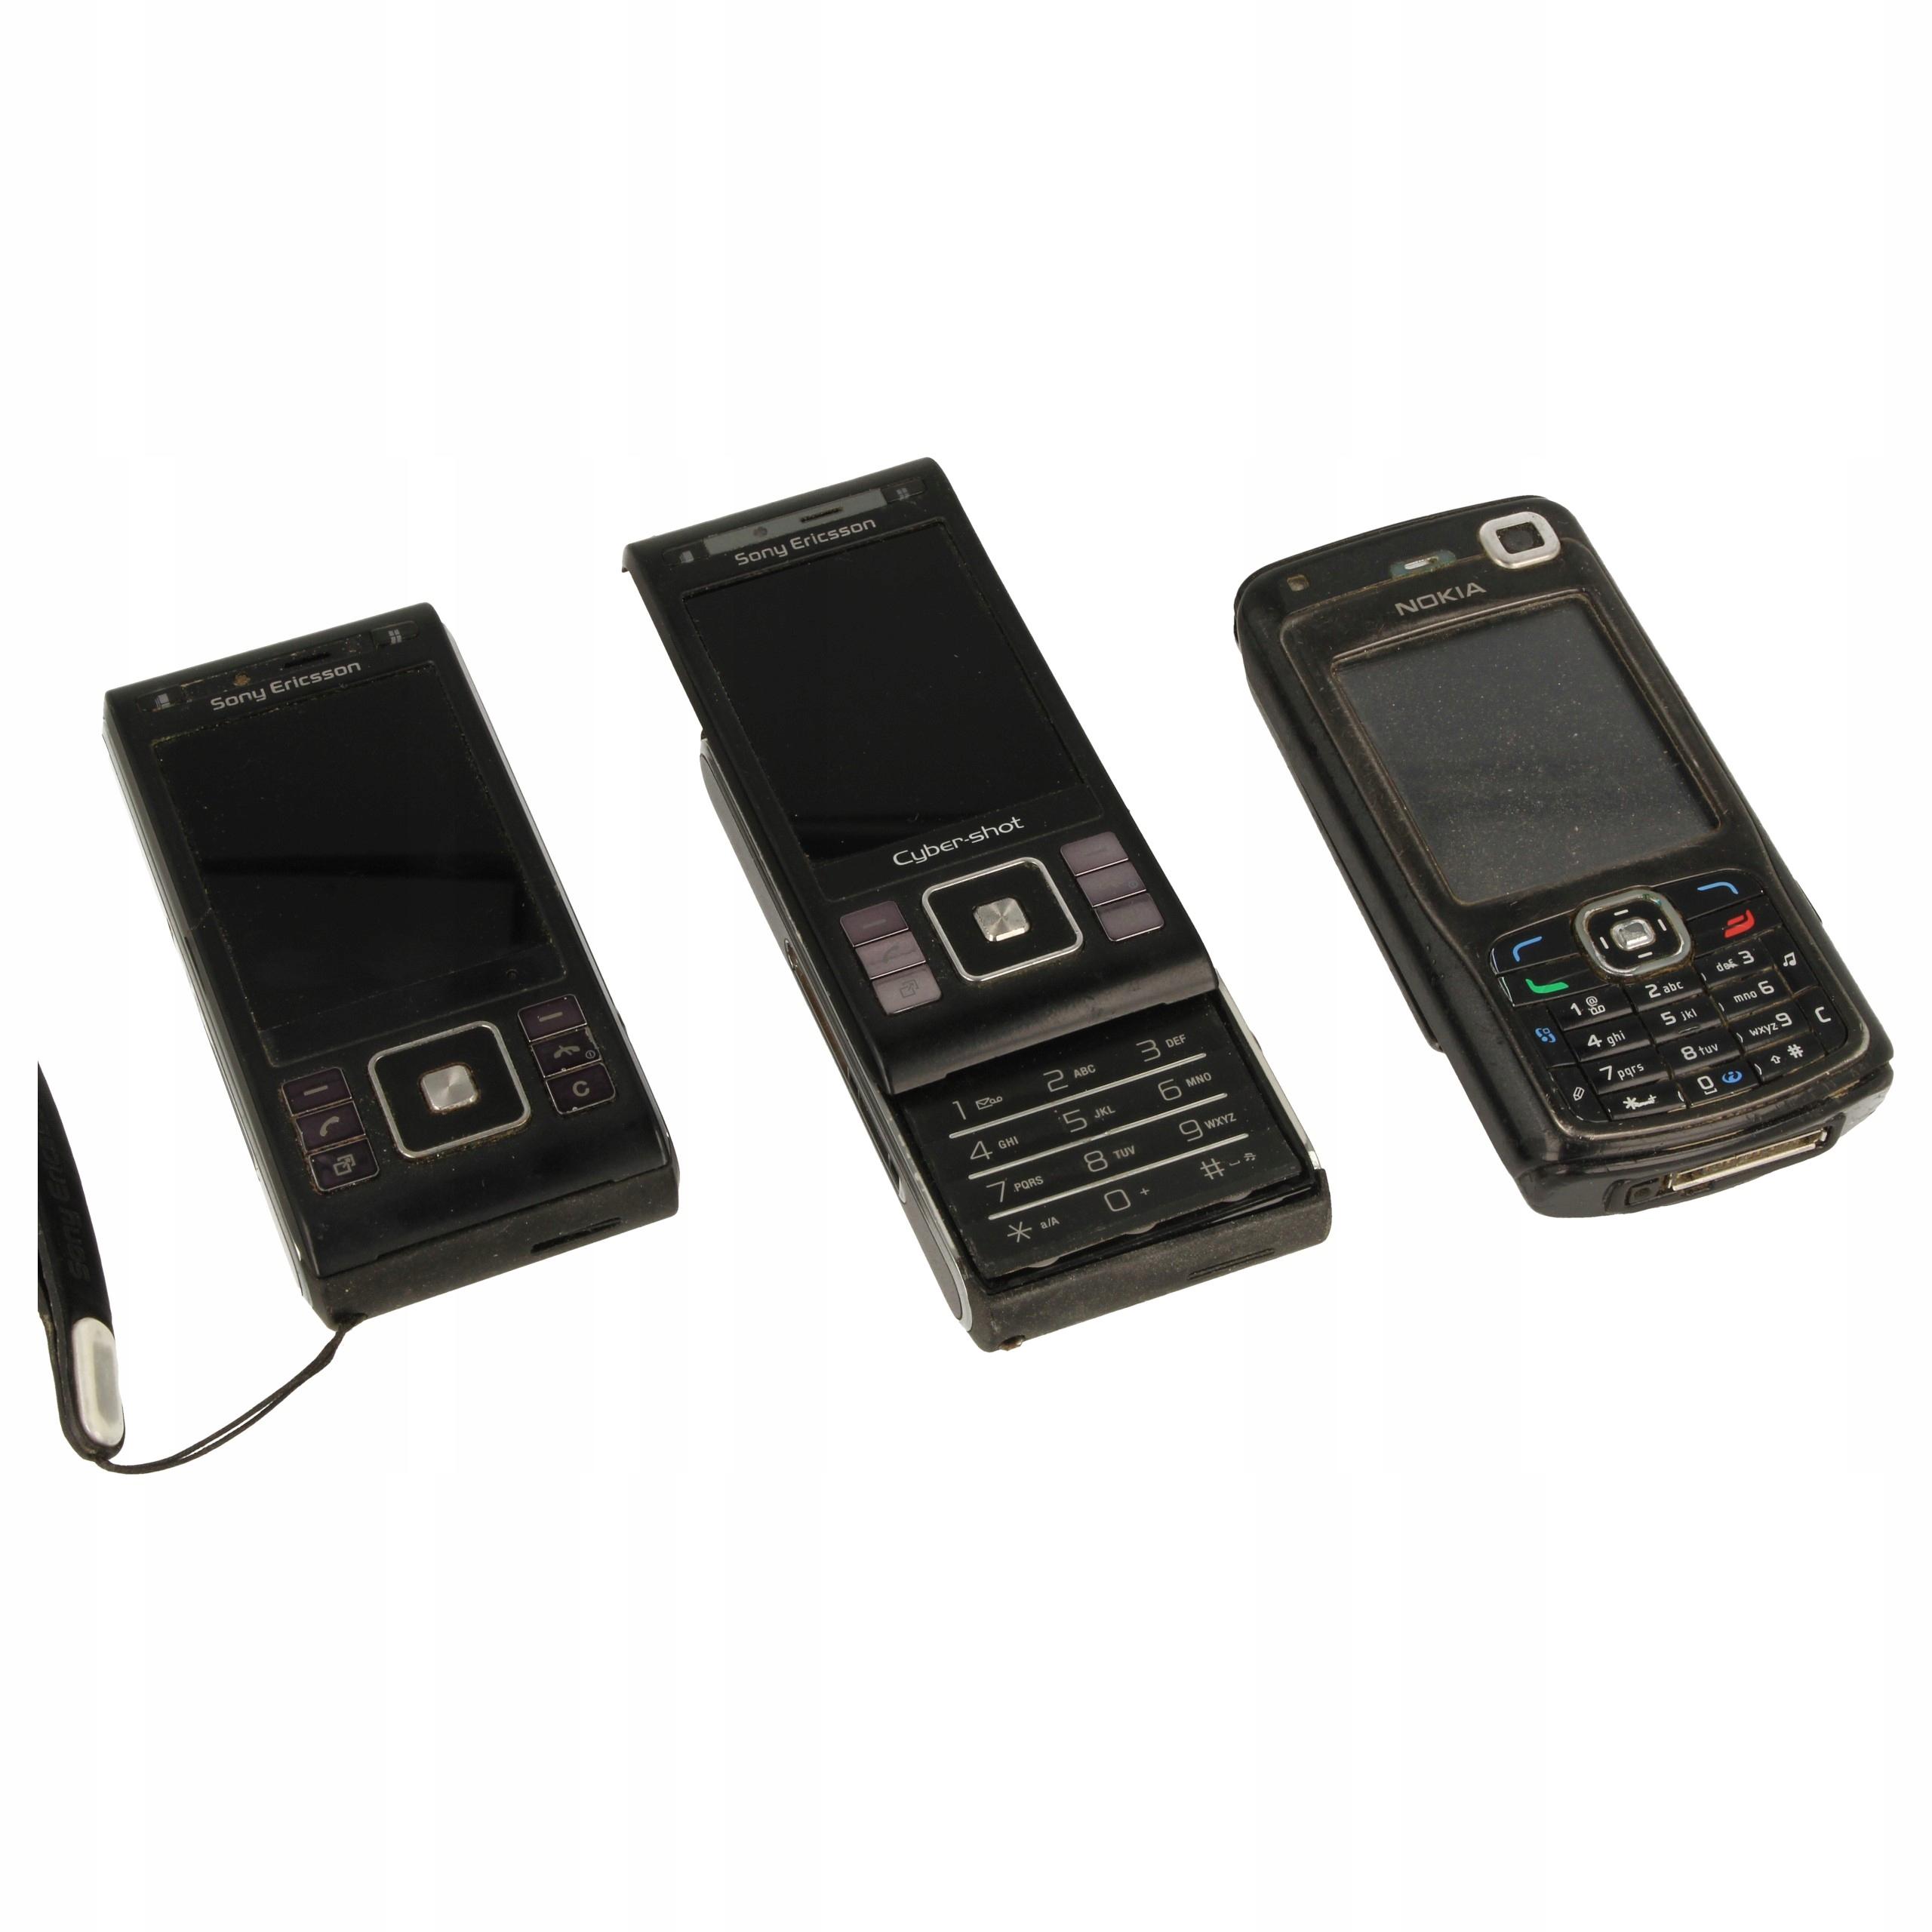 Zabytkowe telefony Sony Ericsson C905 2szt + N70